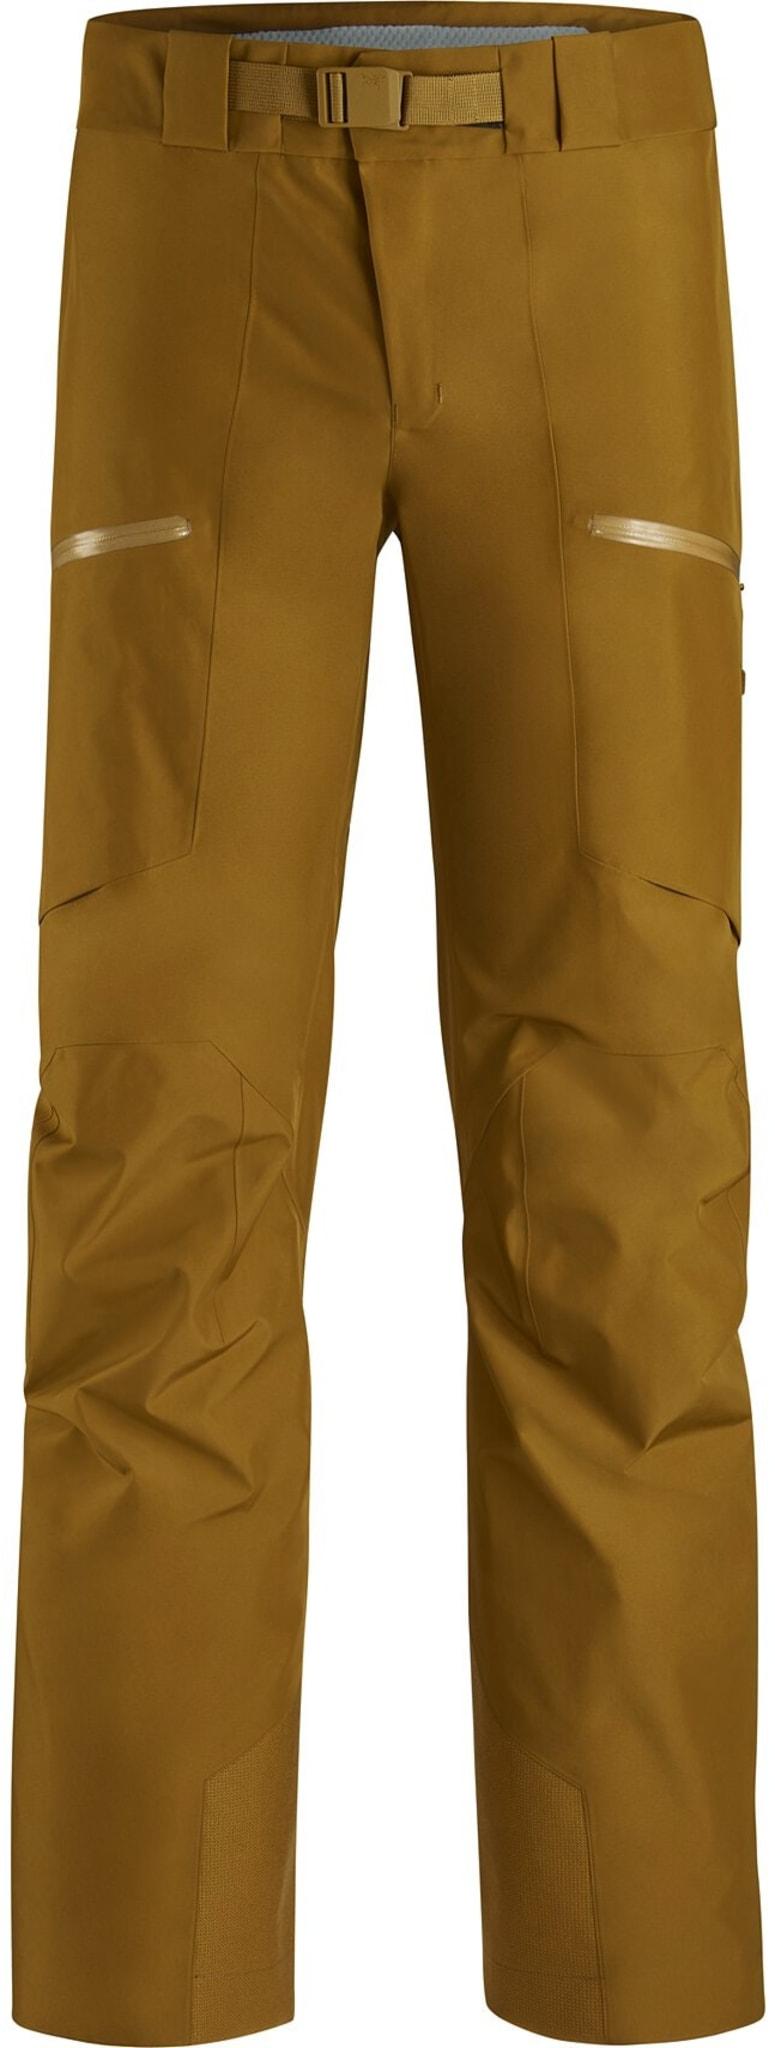 Buksen som beskytter deg mot elementene i fjellet